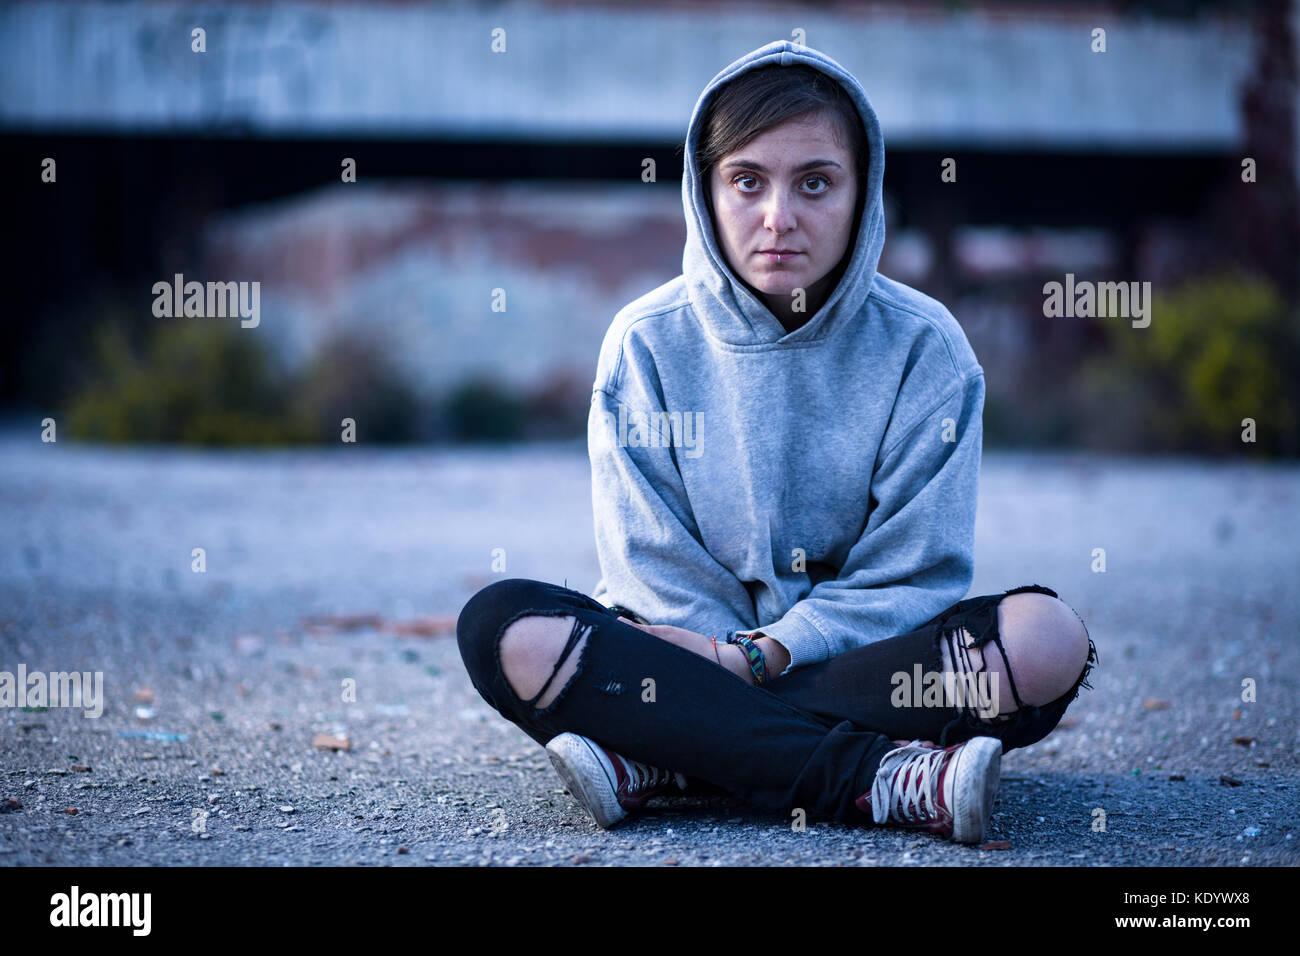 Donna con felpa e pantaloni strappati seduti sulla strada Immagini Stock